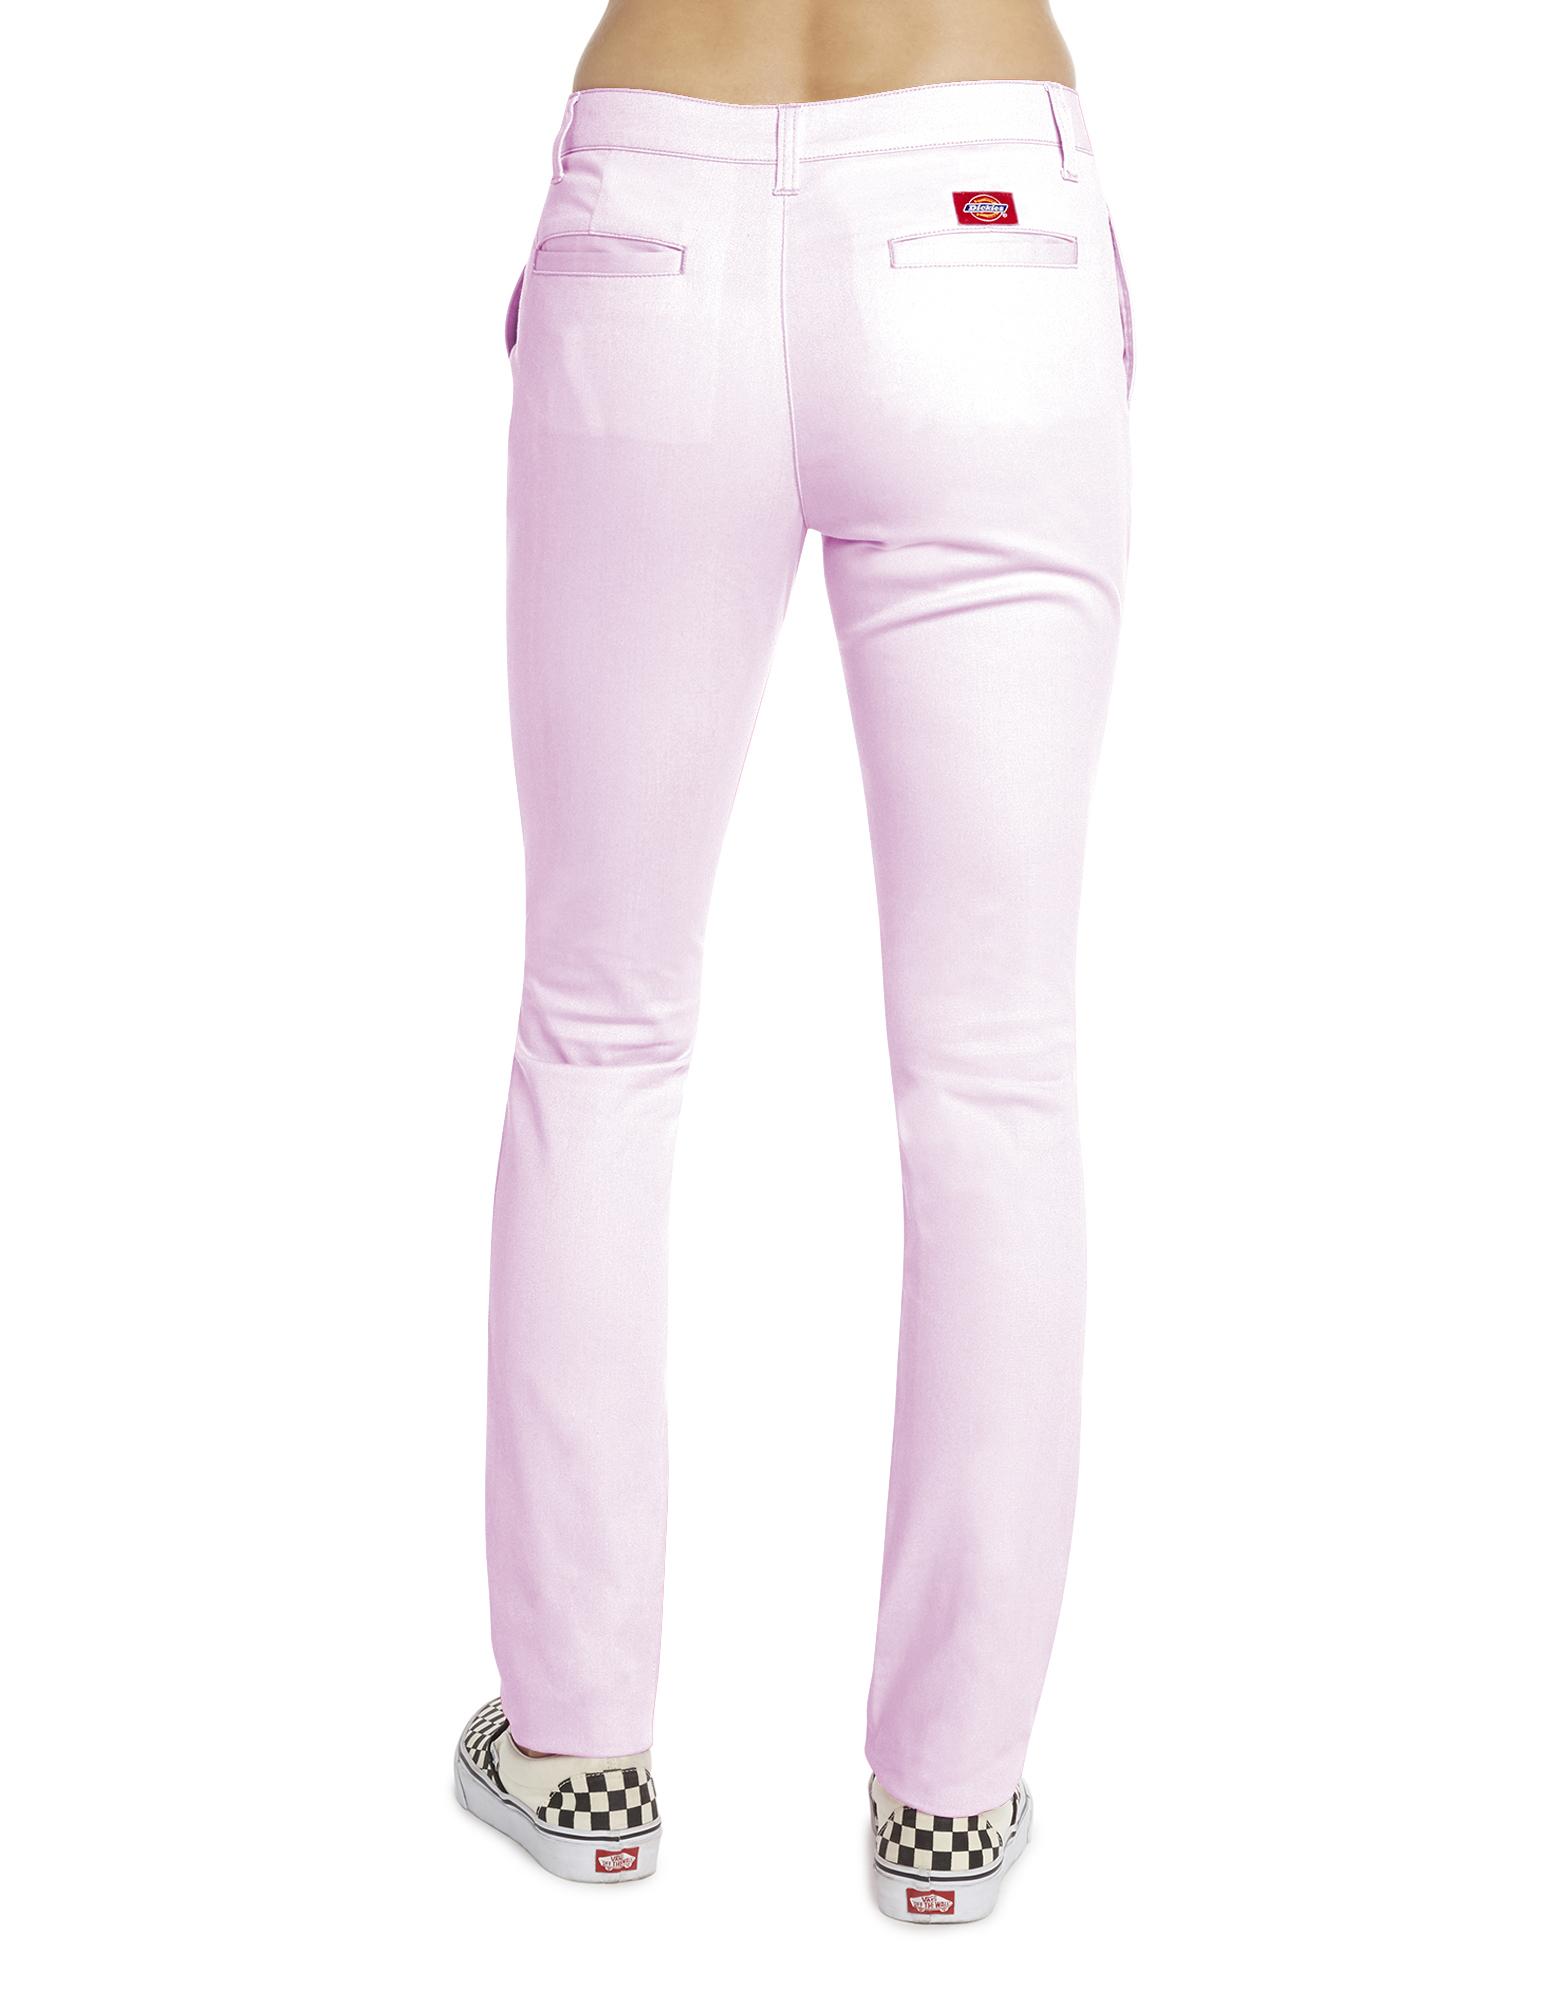 cd55faad7fb Dickies Girl Junior s Original 4 Pocket Skinny Leg Pant